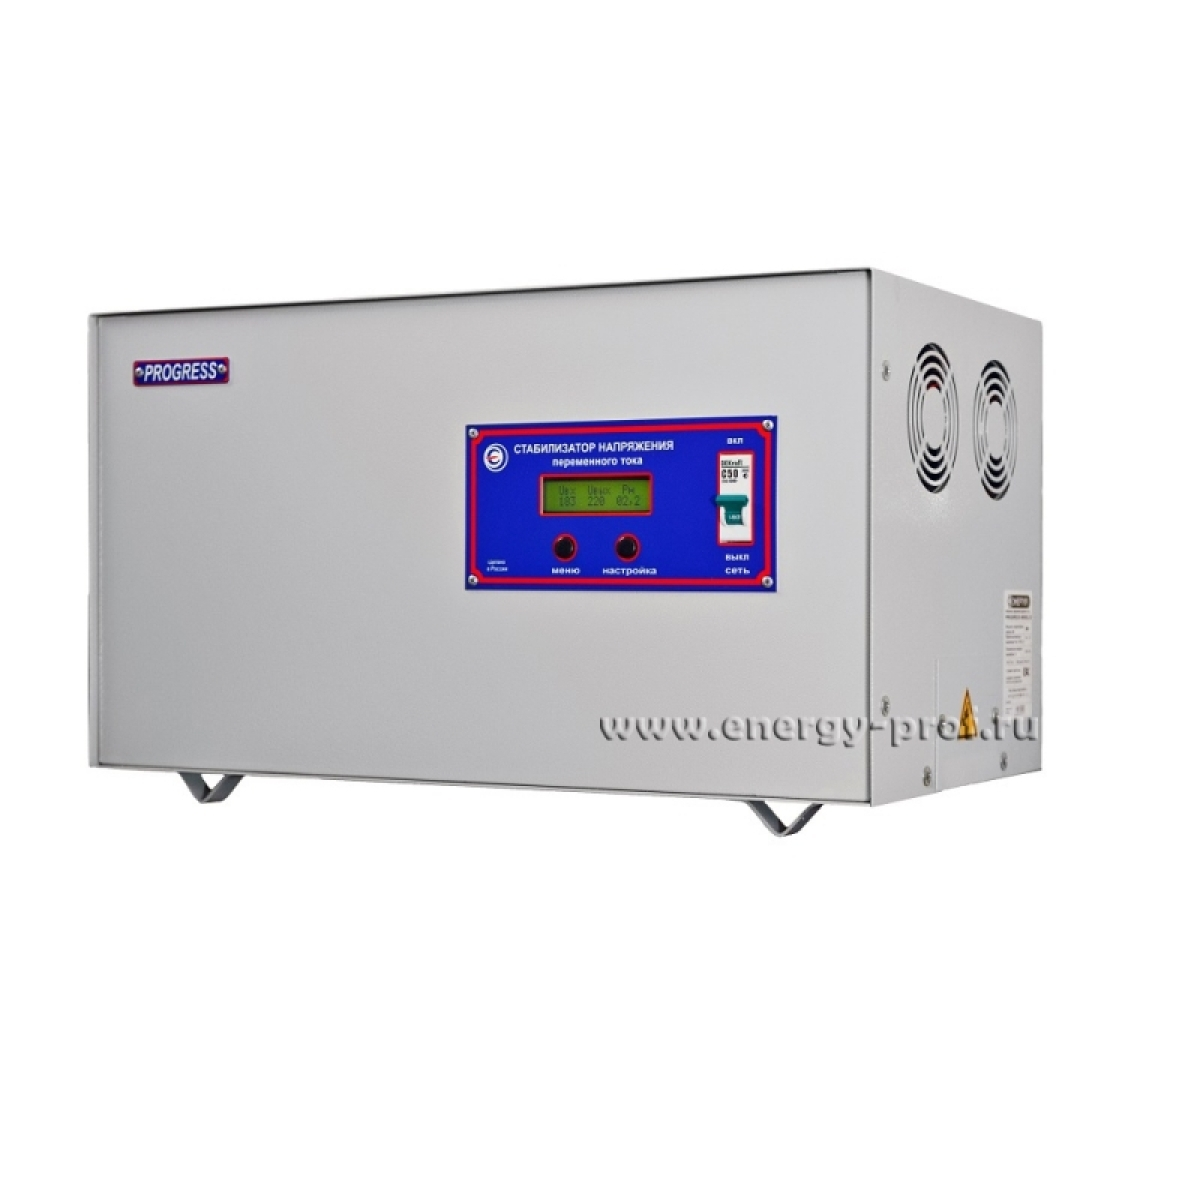 Однофазный стабилизатор PROGRESS 5000L